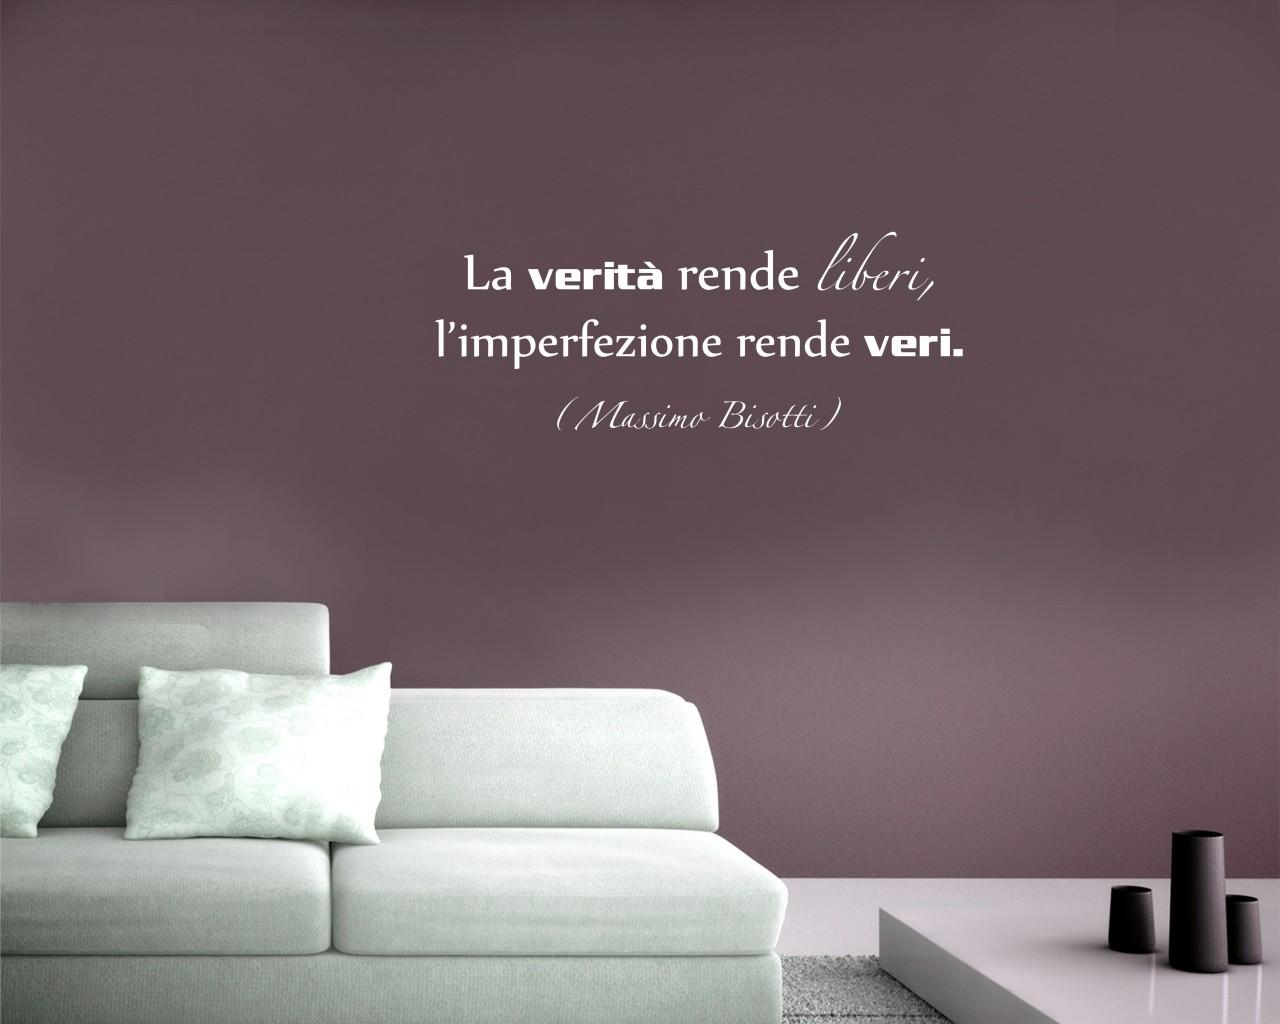 Massimo bisotti la verit rende liberi frasi aforismi - Adesivi parete camera da letto ...